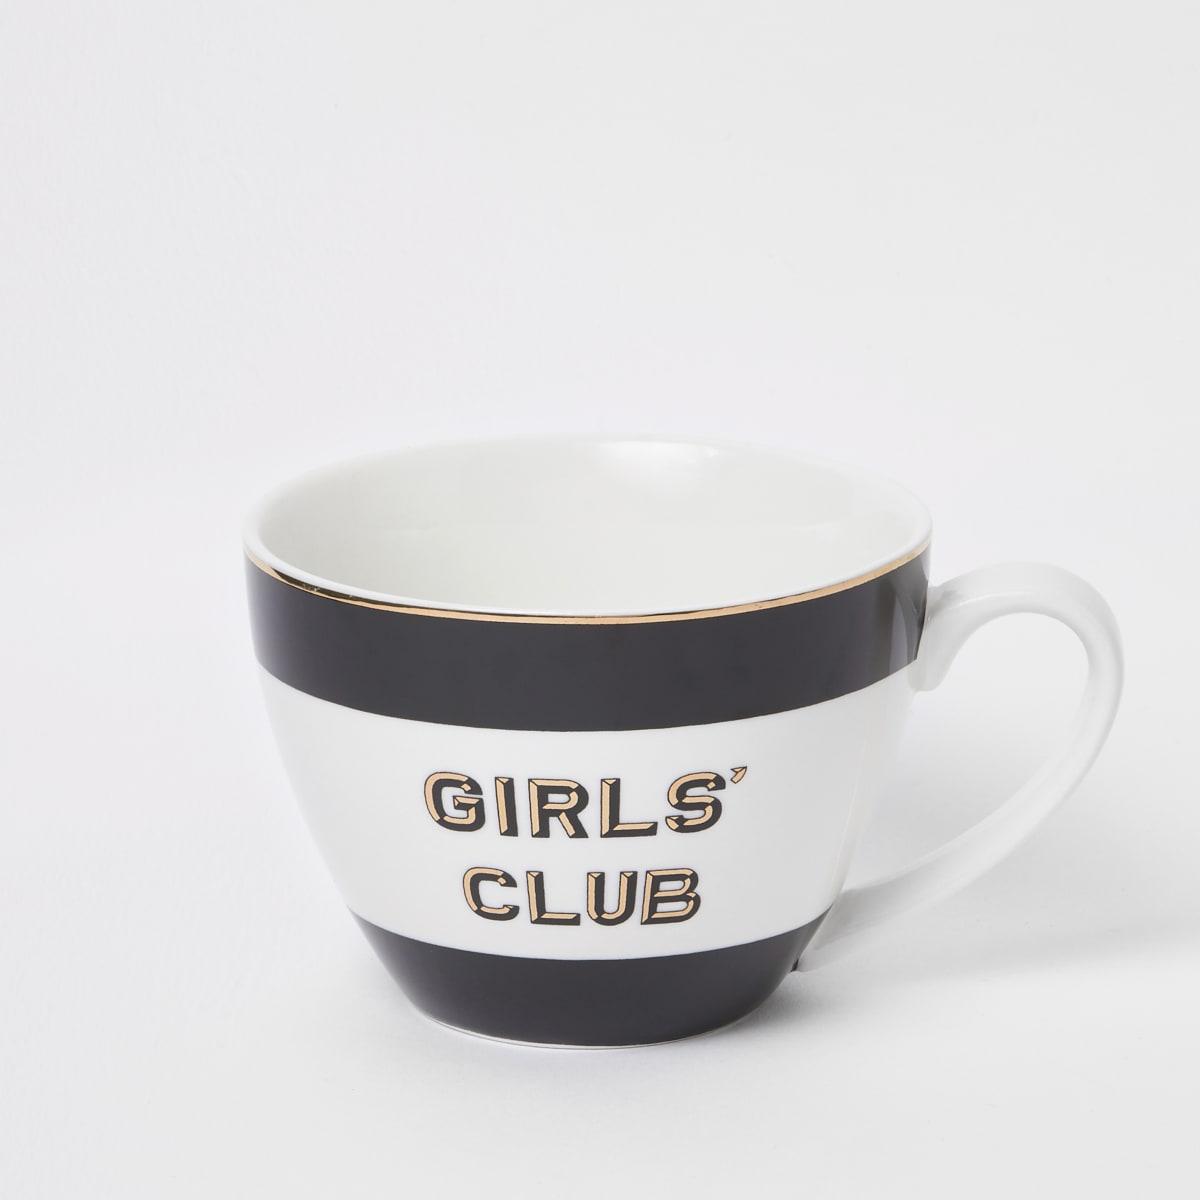 Black 'Girls club' bowl mug